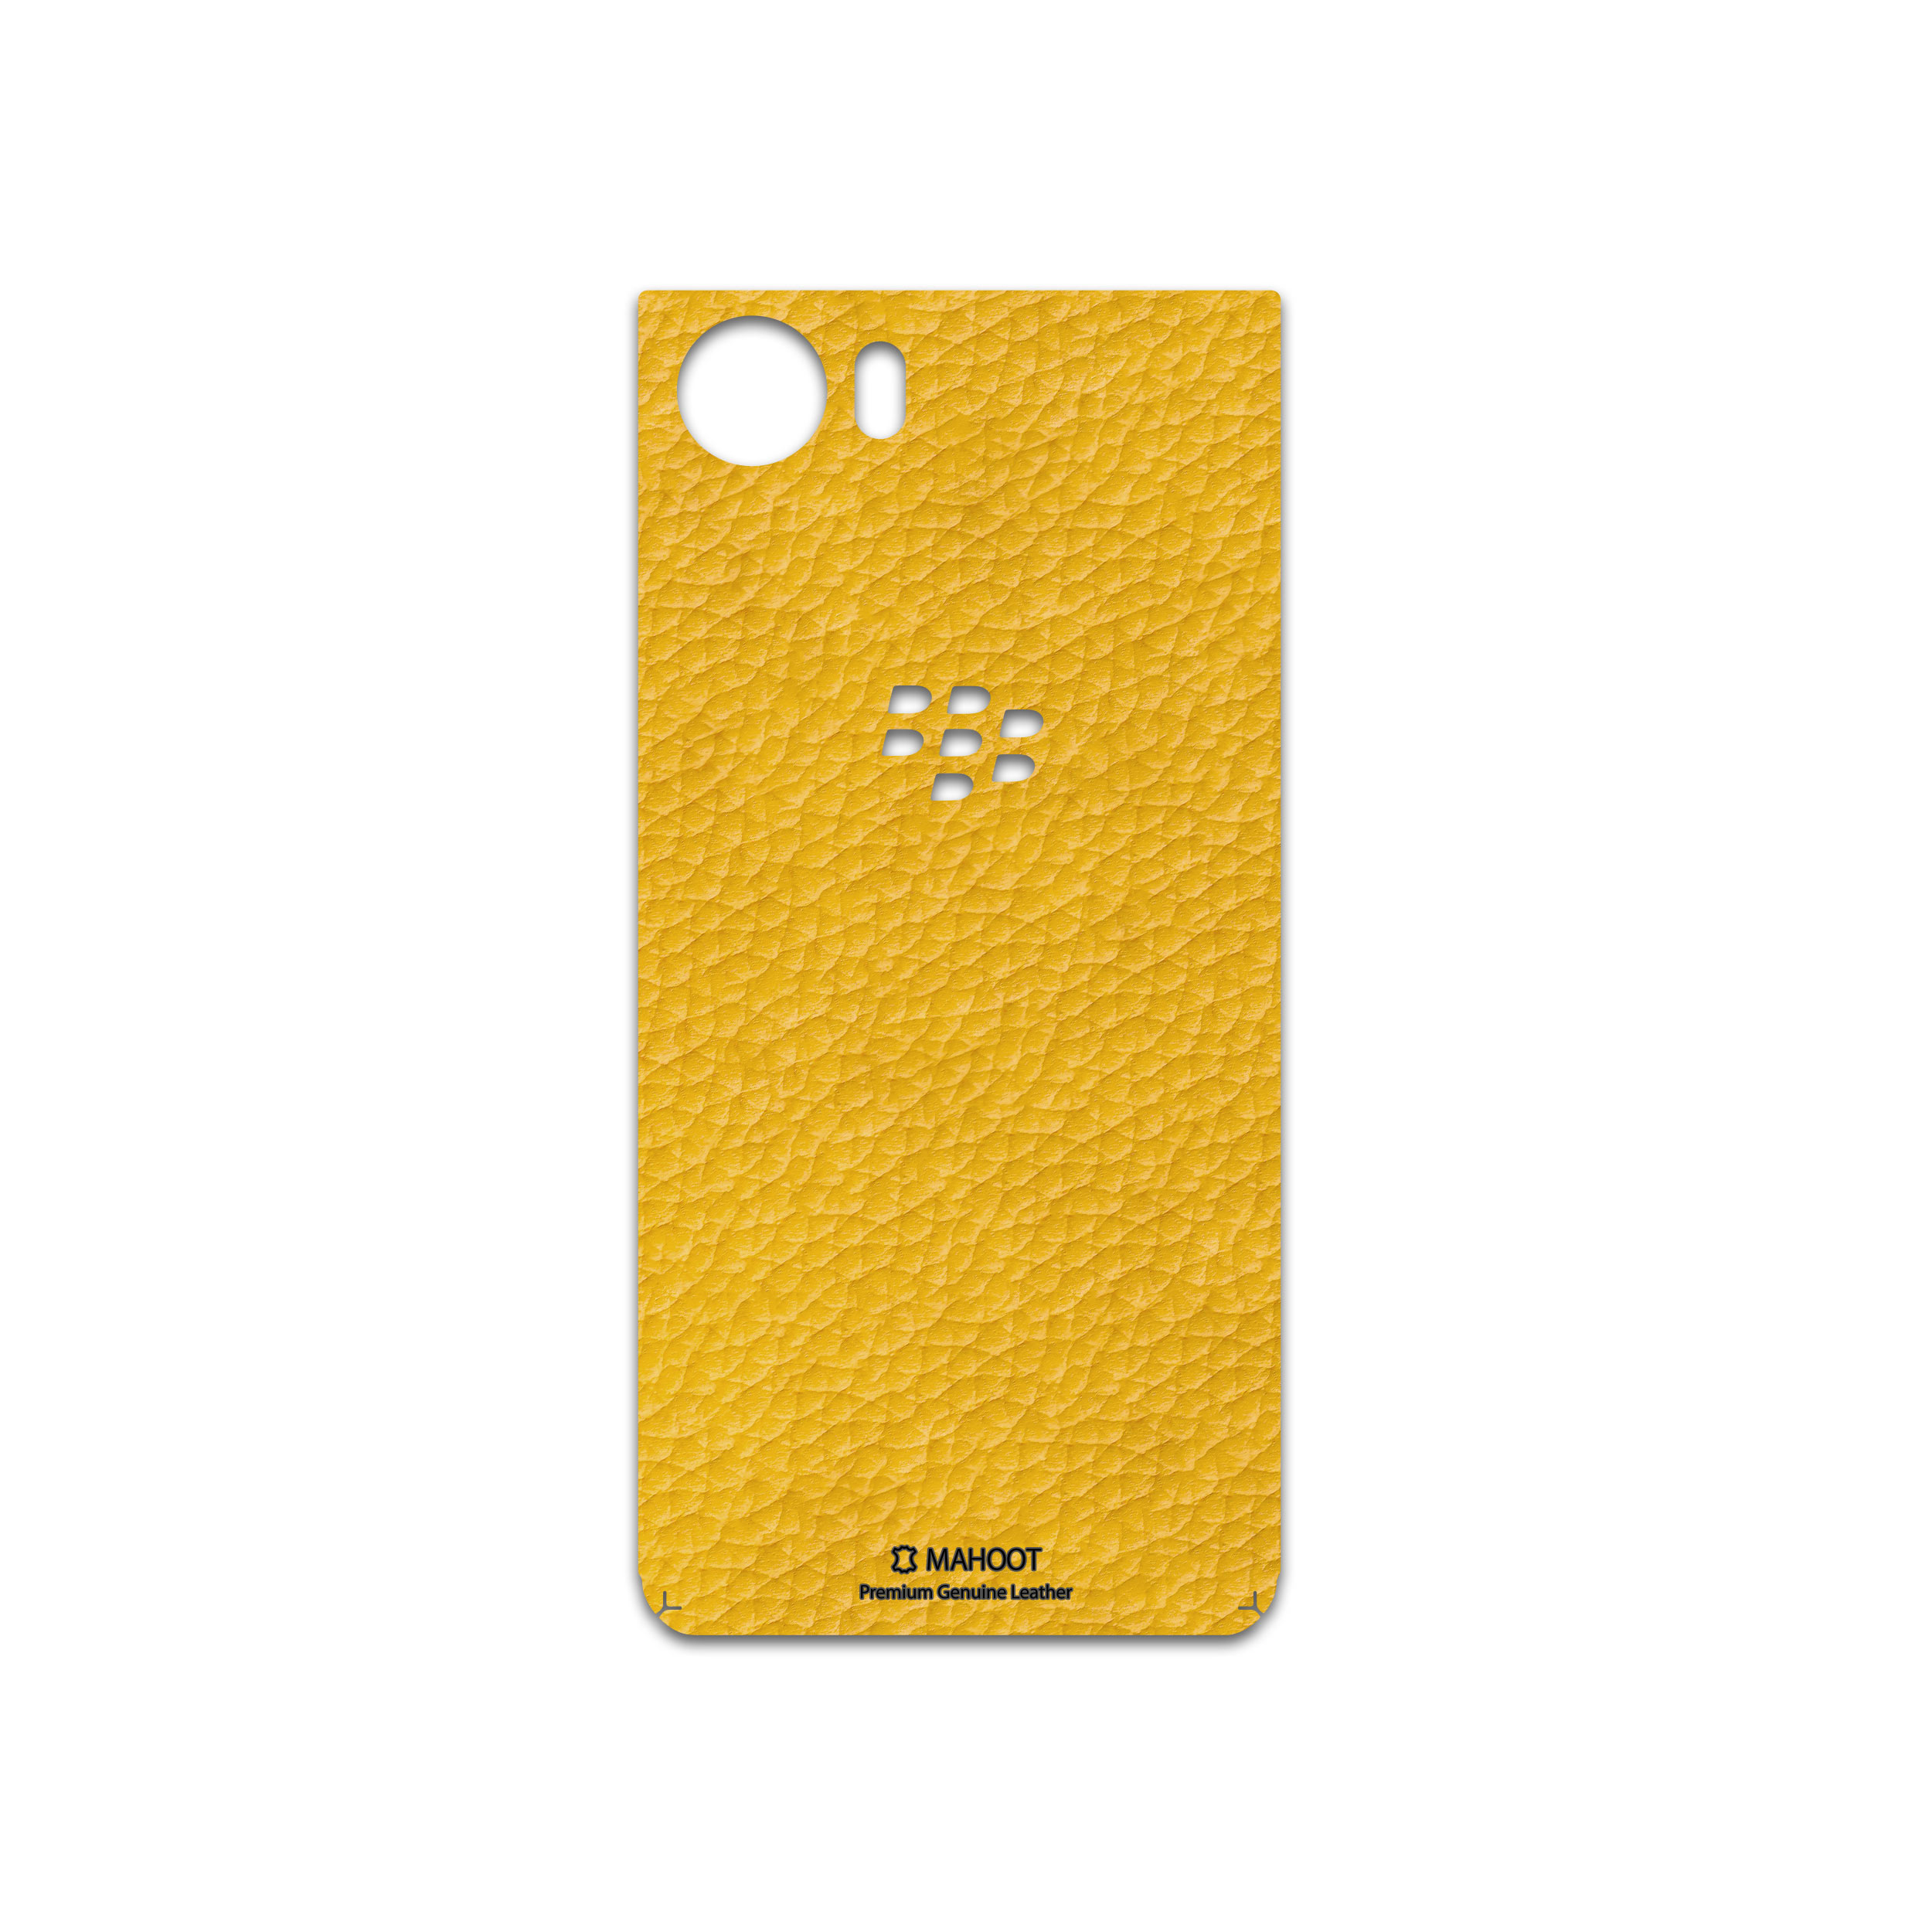 برچسب پوششی ماهوت مدل Mustard-Leather مناسب برای گوشی موبایل بلک بری Keyone-DTEK70